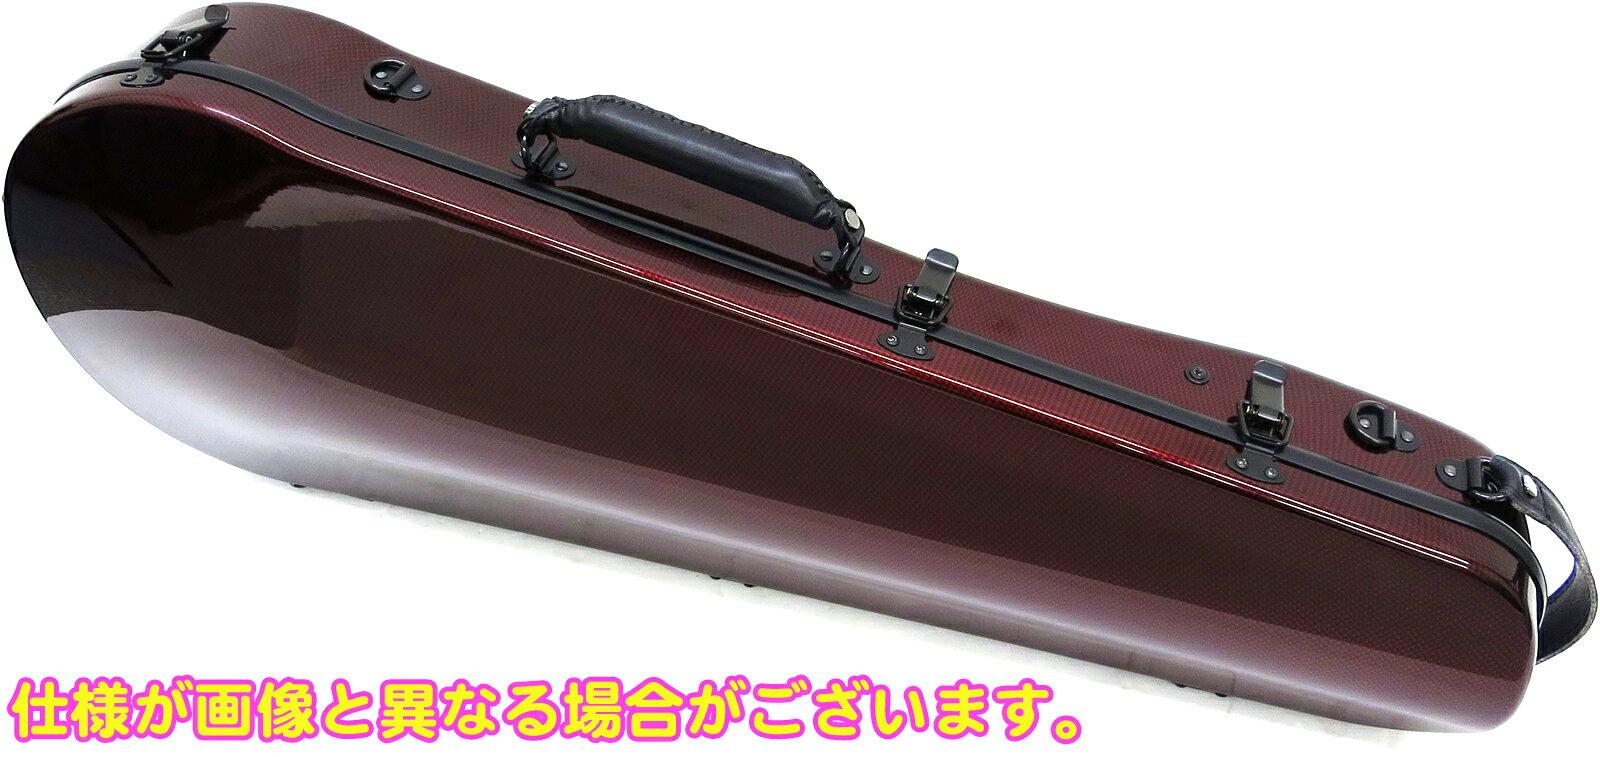 ビオラケース リュックタイプ 4/4サイズ 軽量 カーボンファイバー製 ハードケース カラー レッド ビオラ用 ケース 【 viola cases RED 】 送料無料